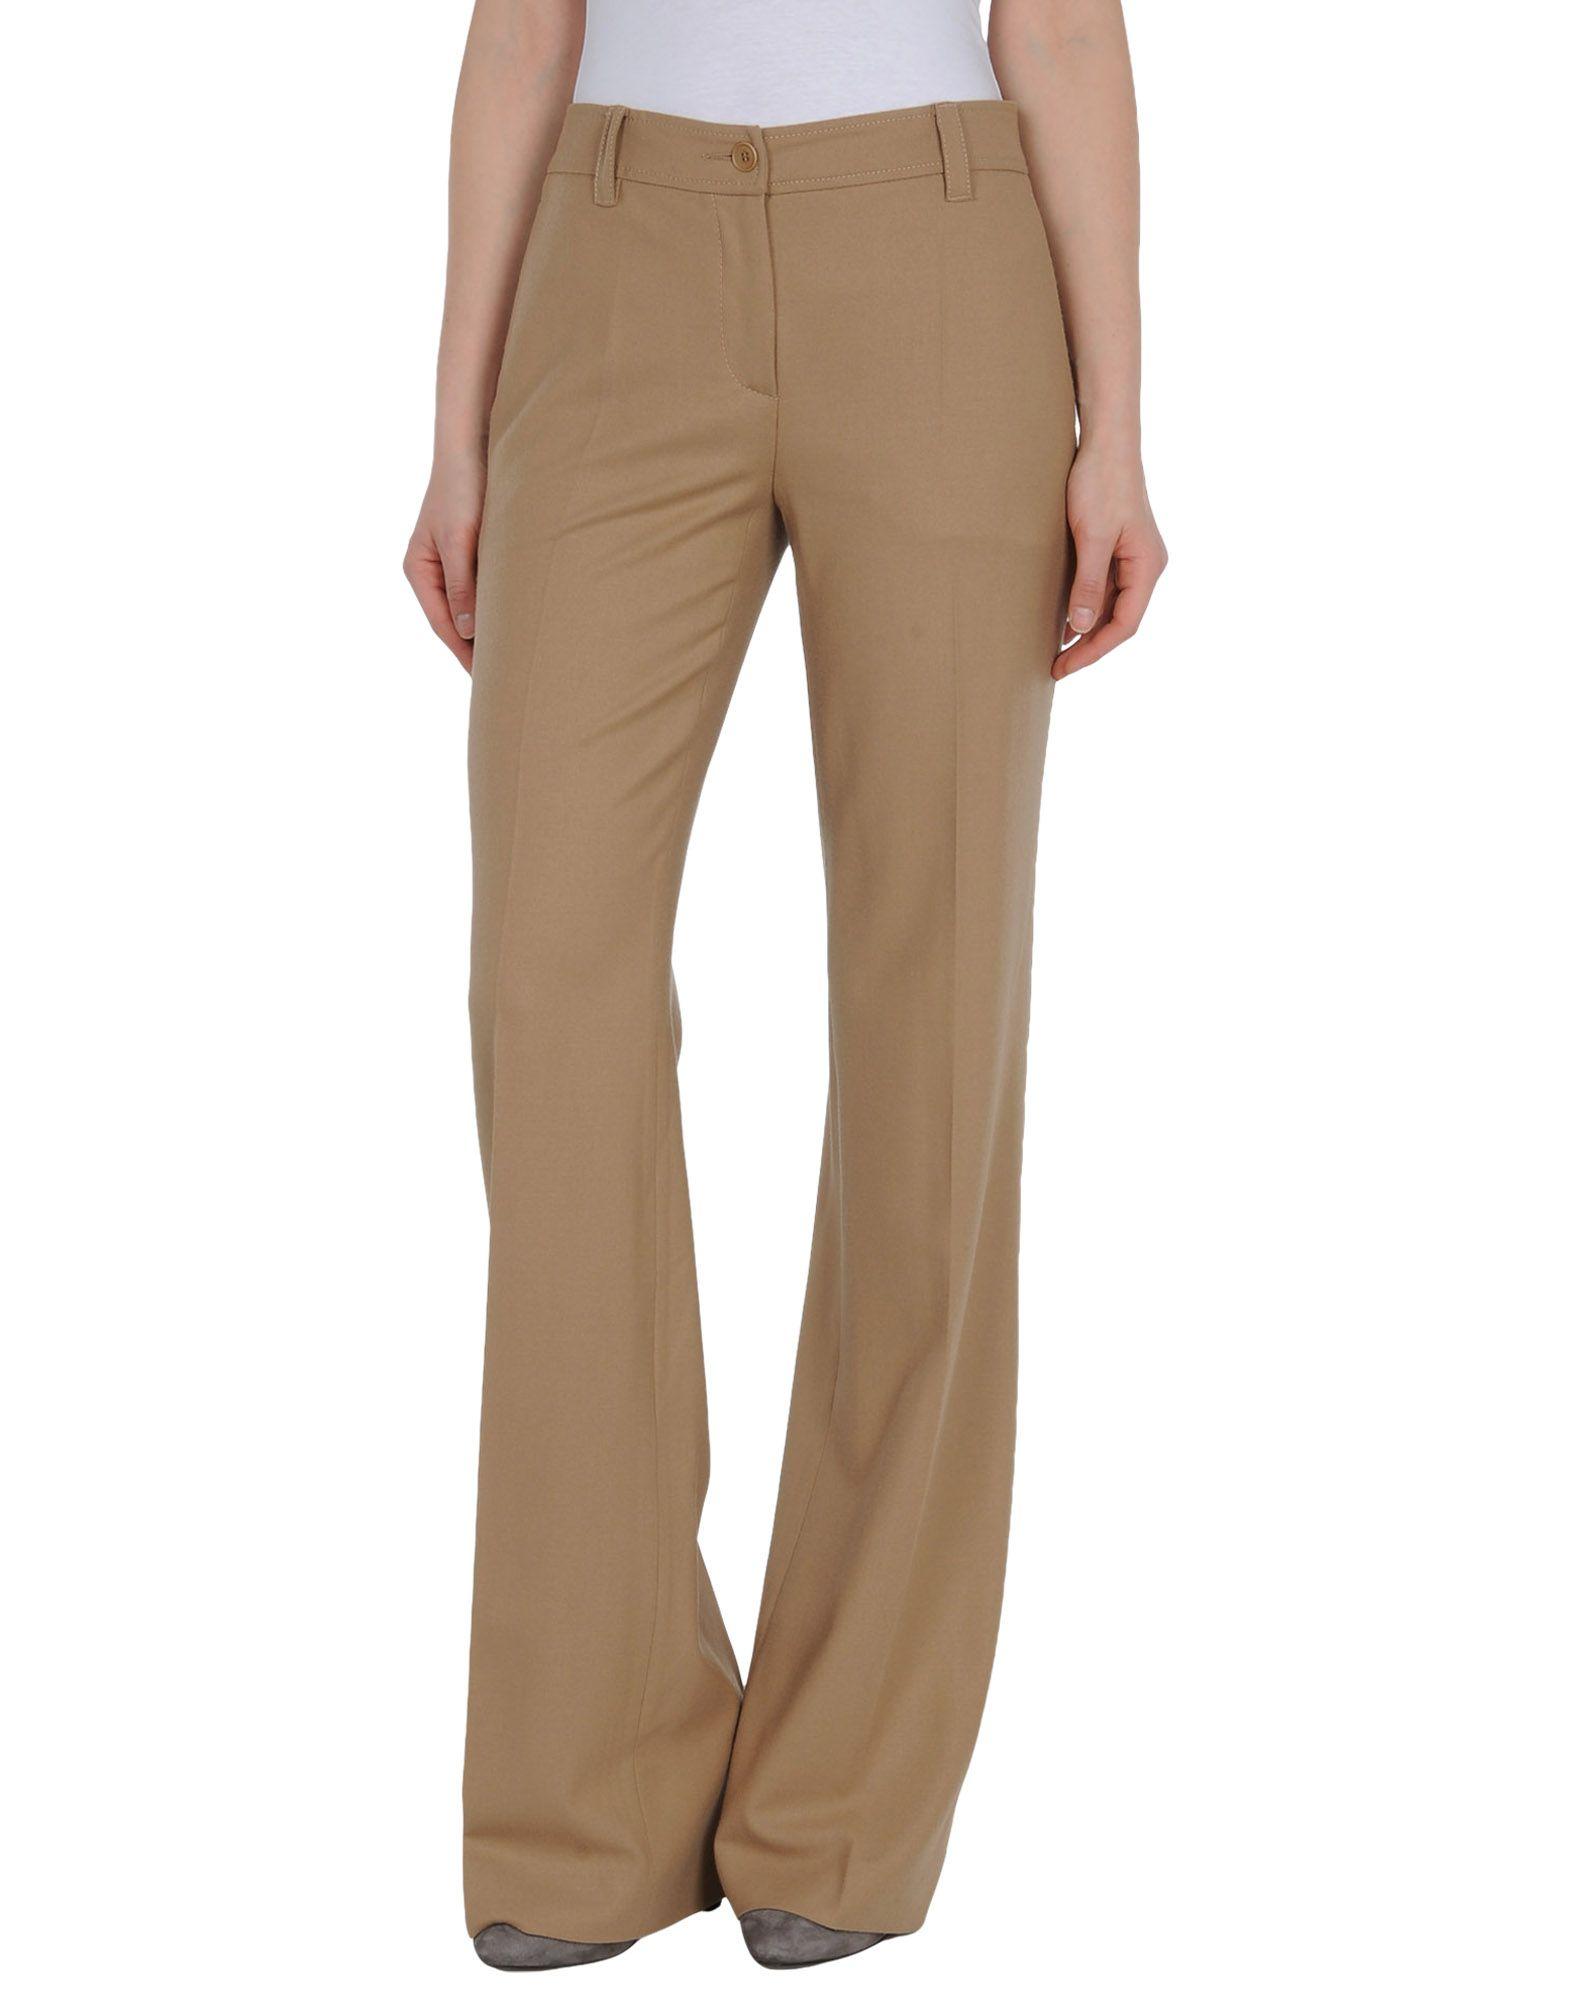 Alberta Ferretti Formal Trouser In Beige (Camel) | Lyst